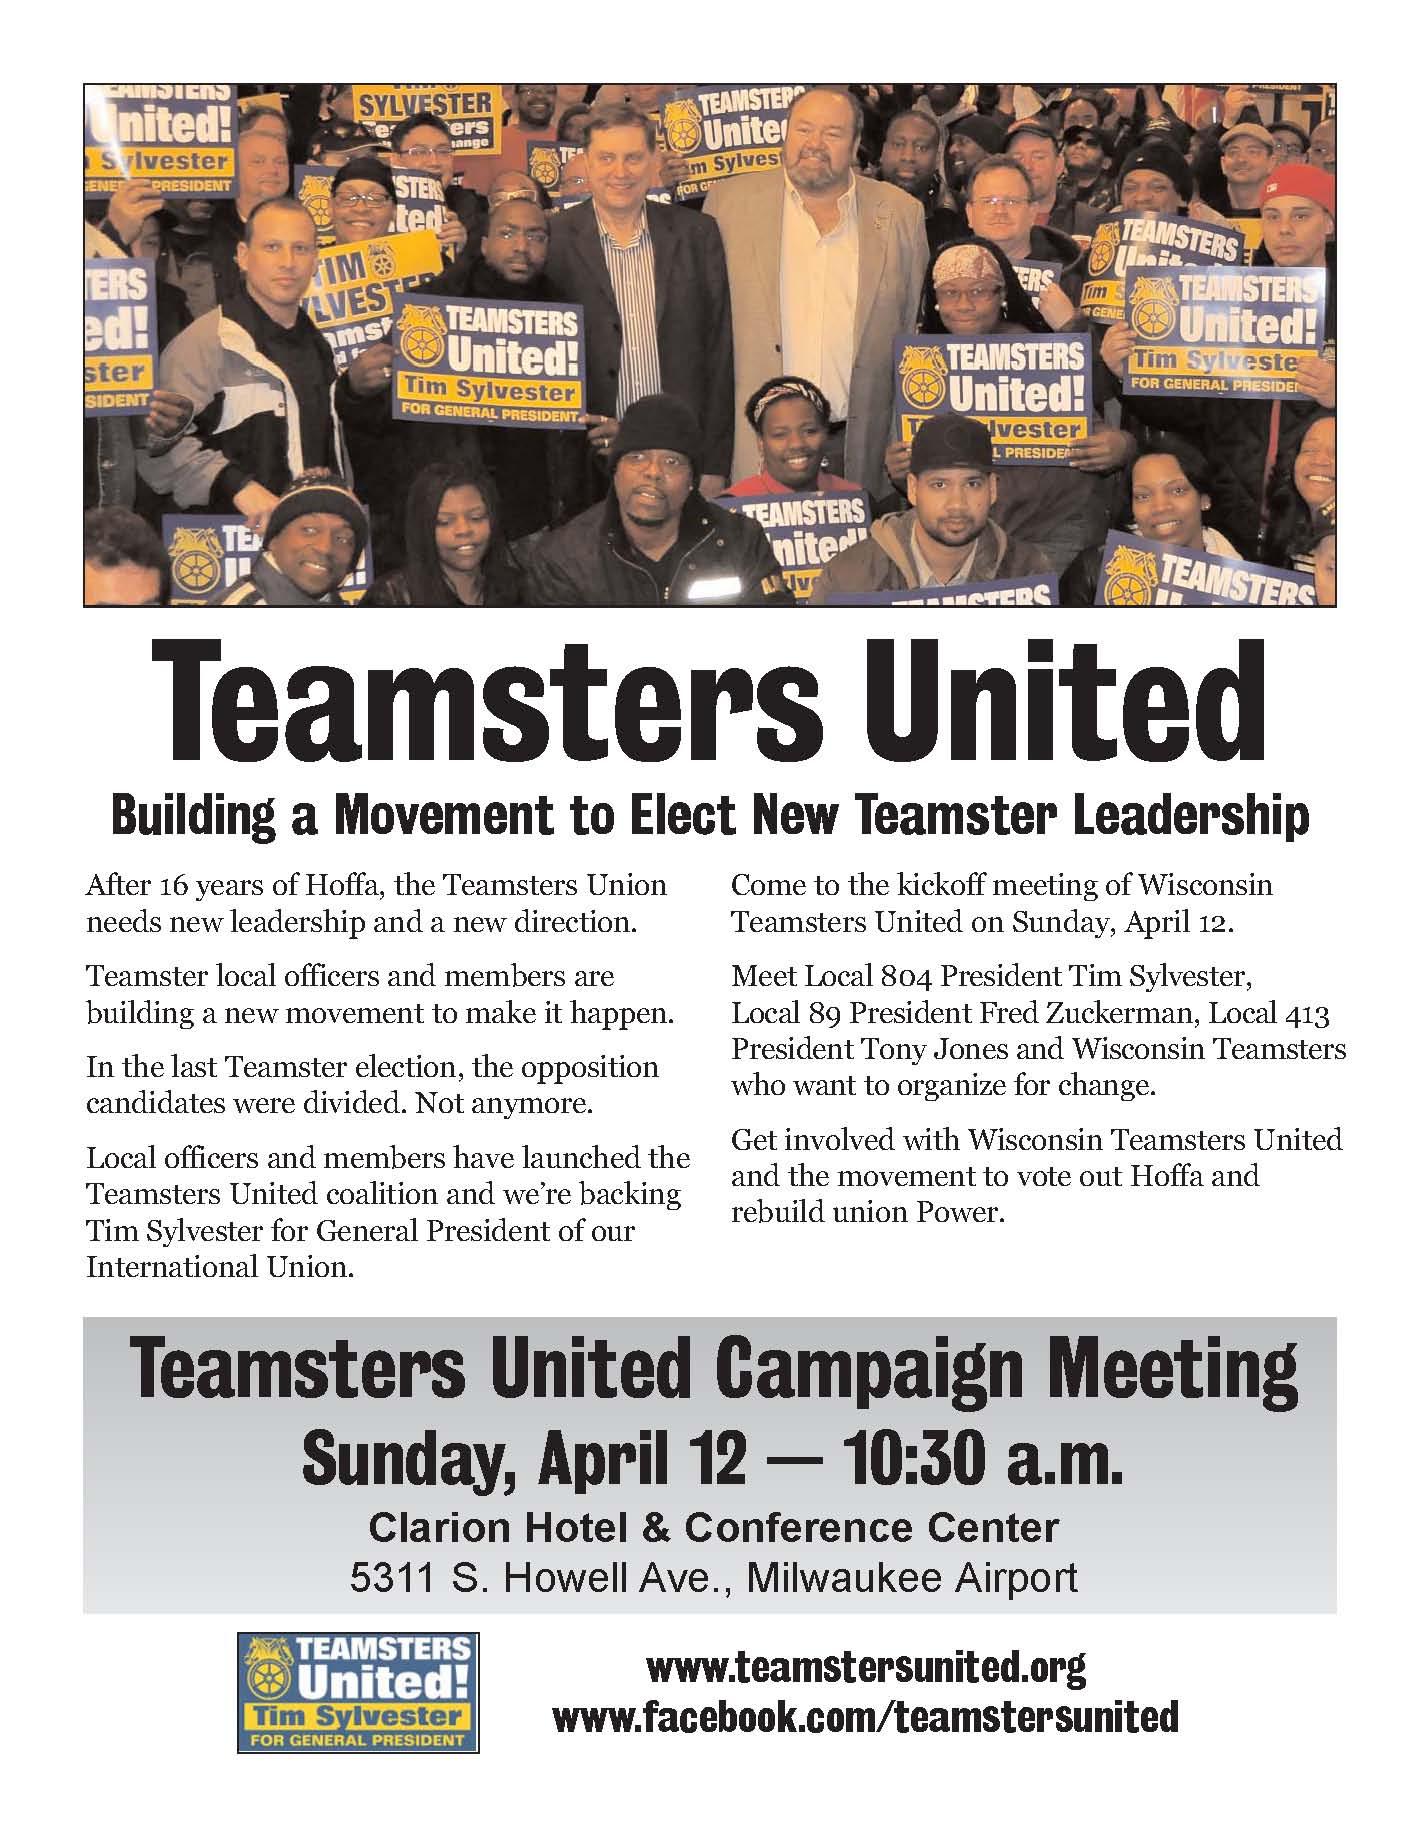 Teamsters_United_-_Milwaukee.jpg